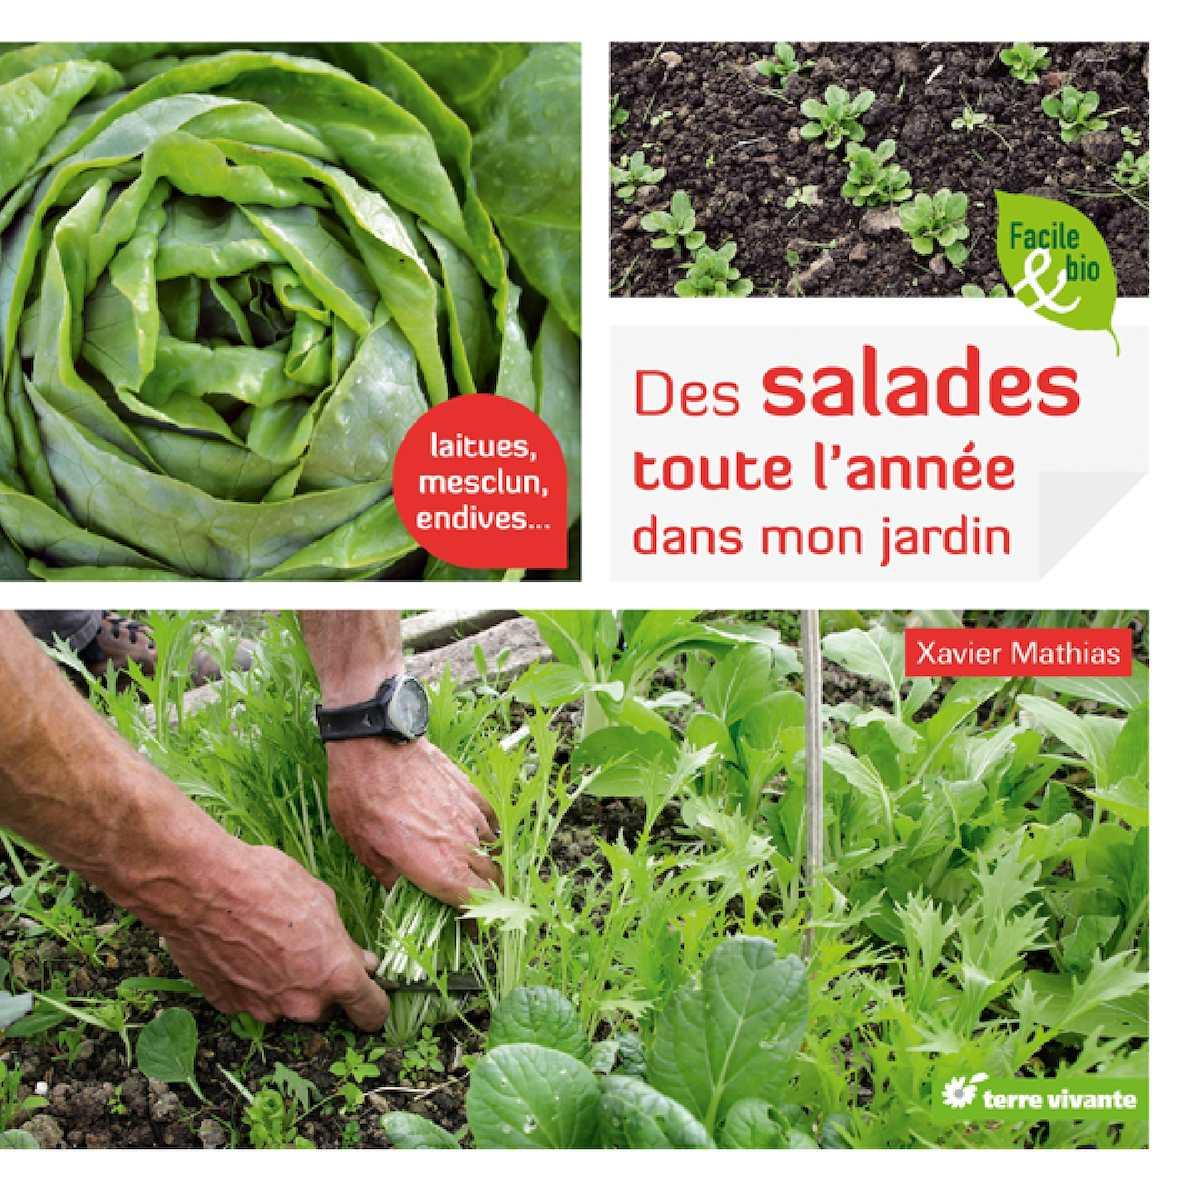 Quelle Salade Planter Maintenant calaméo - des salades toute l'année dans mon jardin